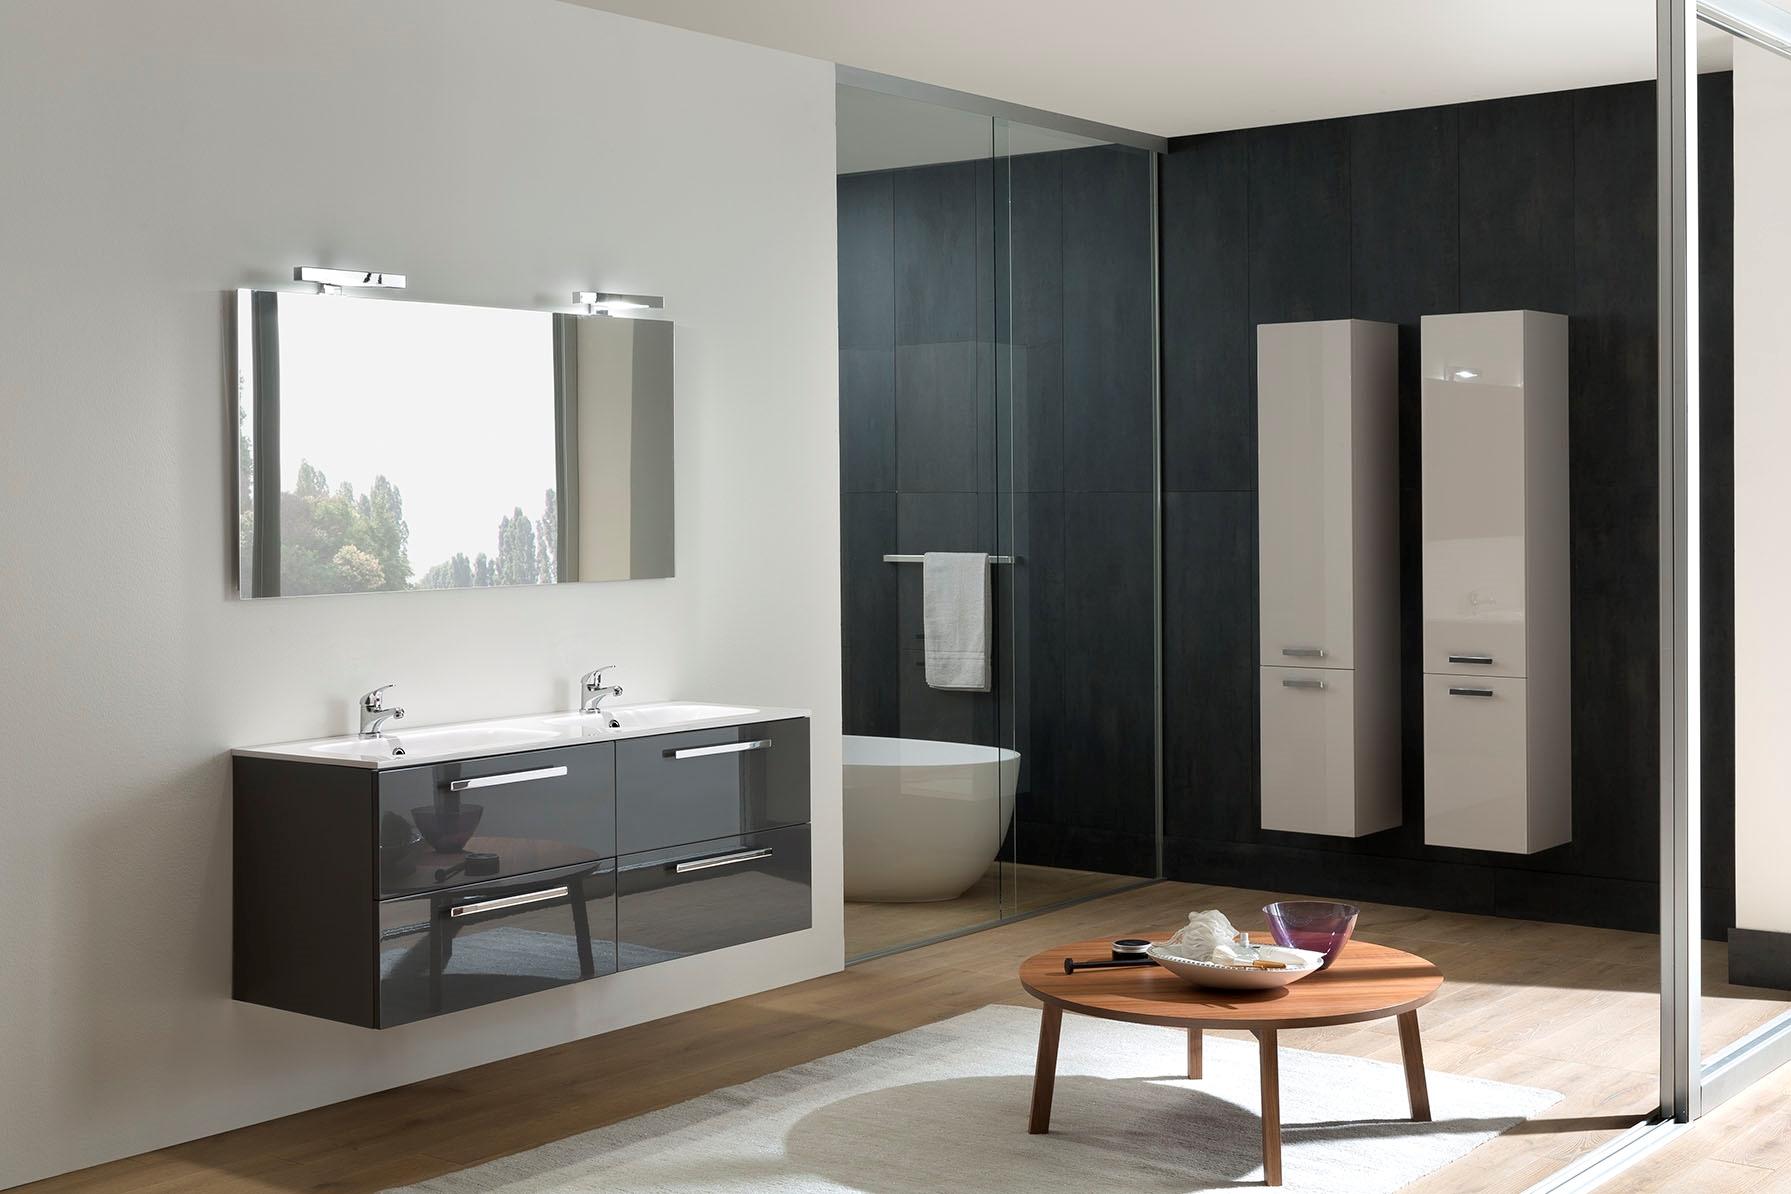 Mobile bagno sospeso con doppio lavello e doppia colonna - Mobile lavello bagno ...